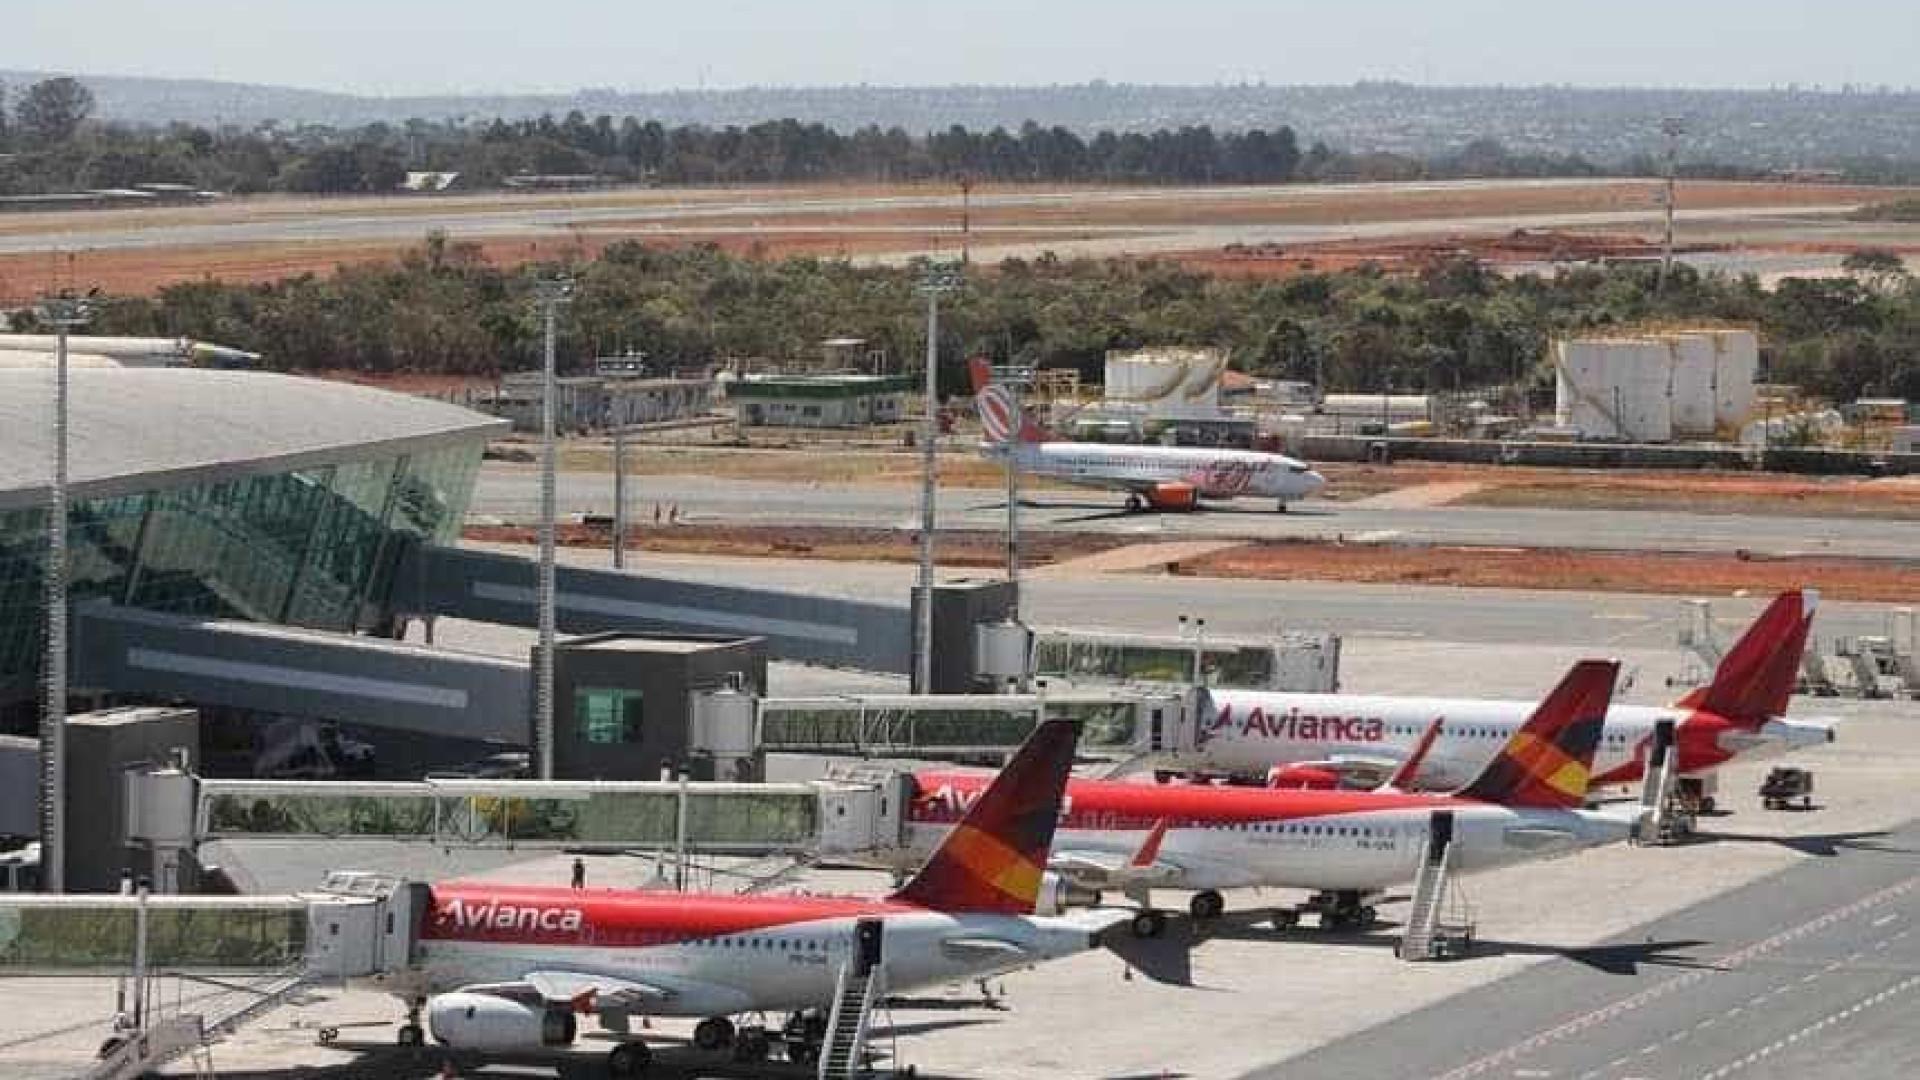 Capital estrangeiro na aviação é tema de debate na CDR